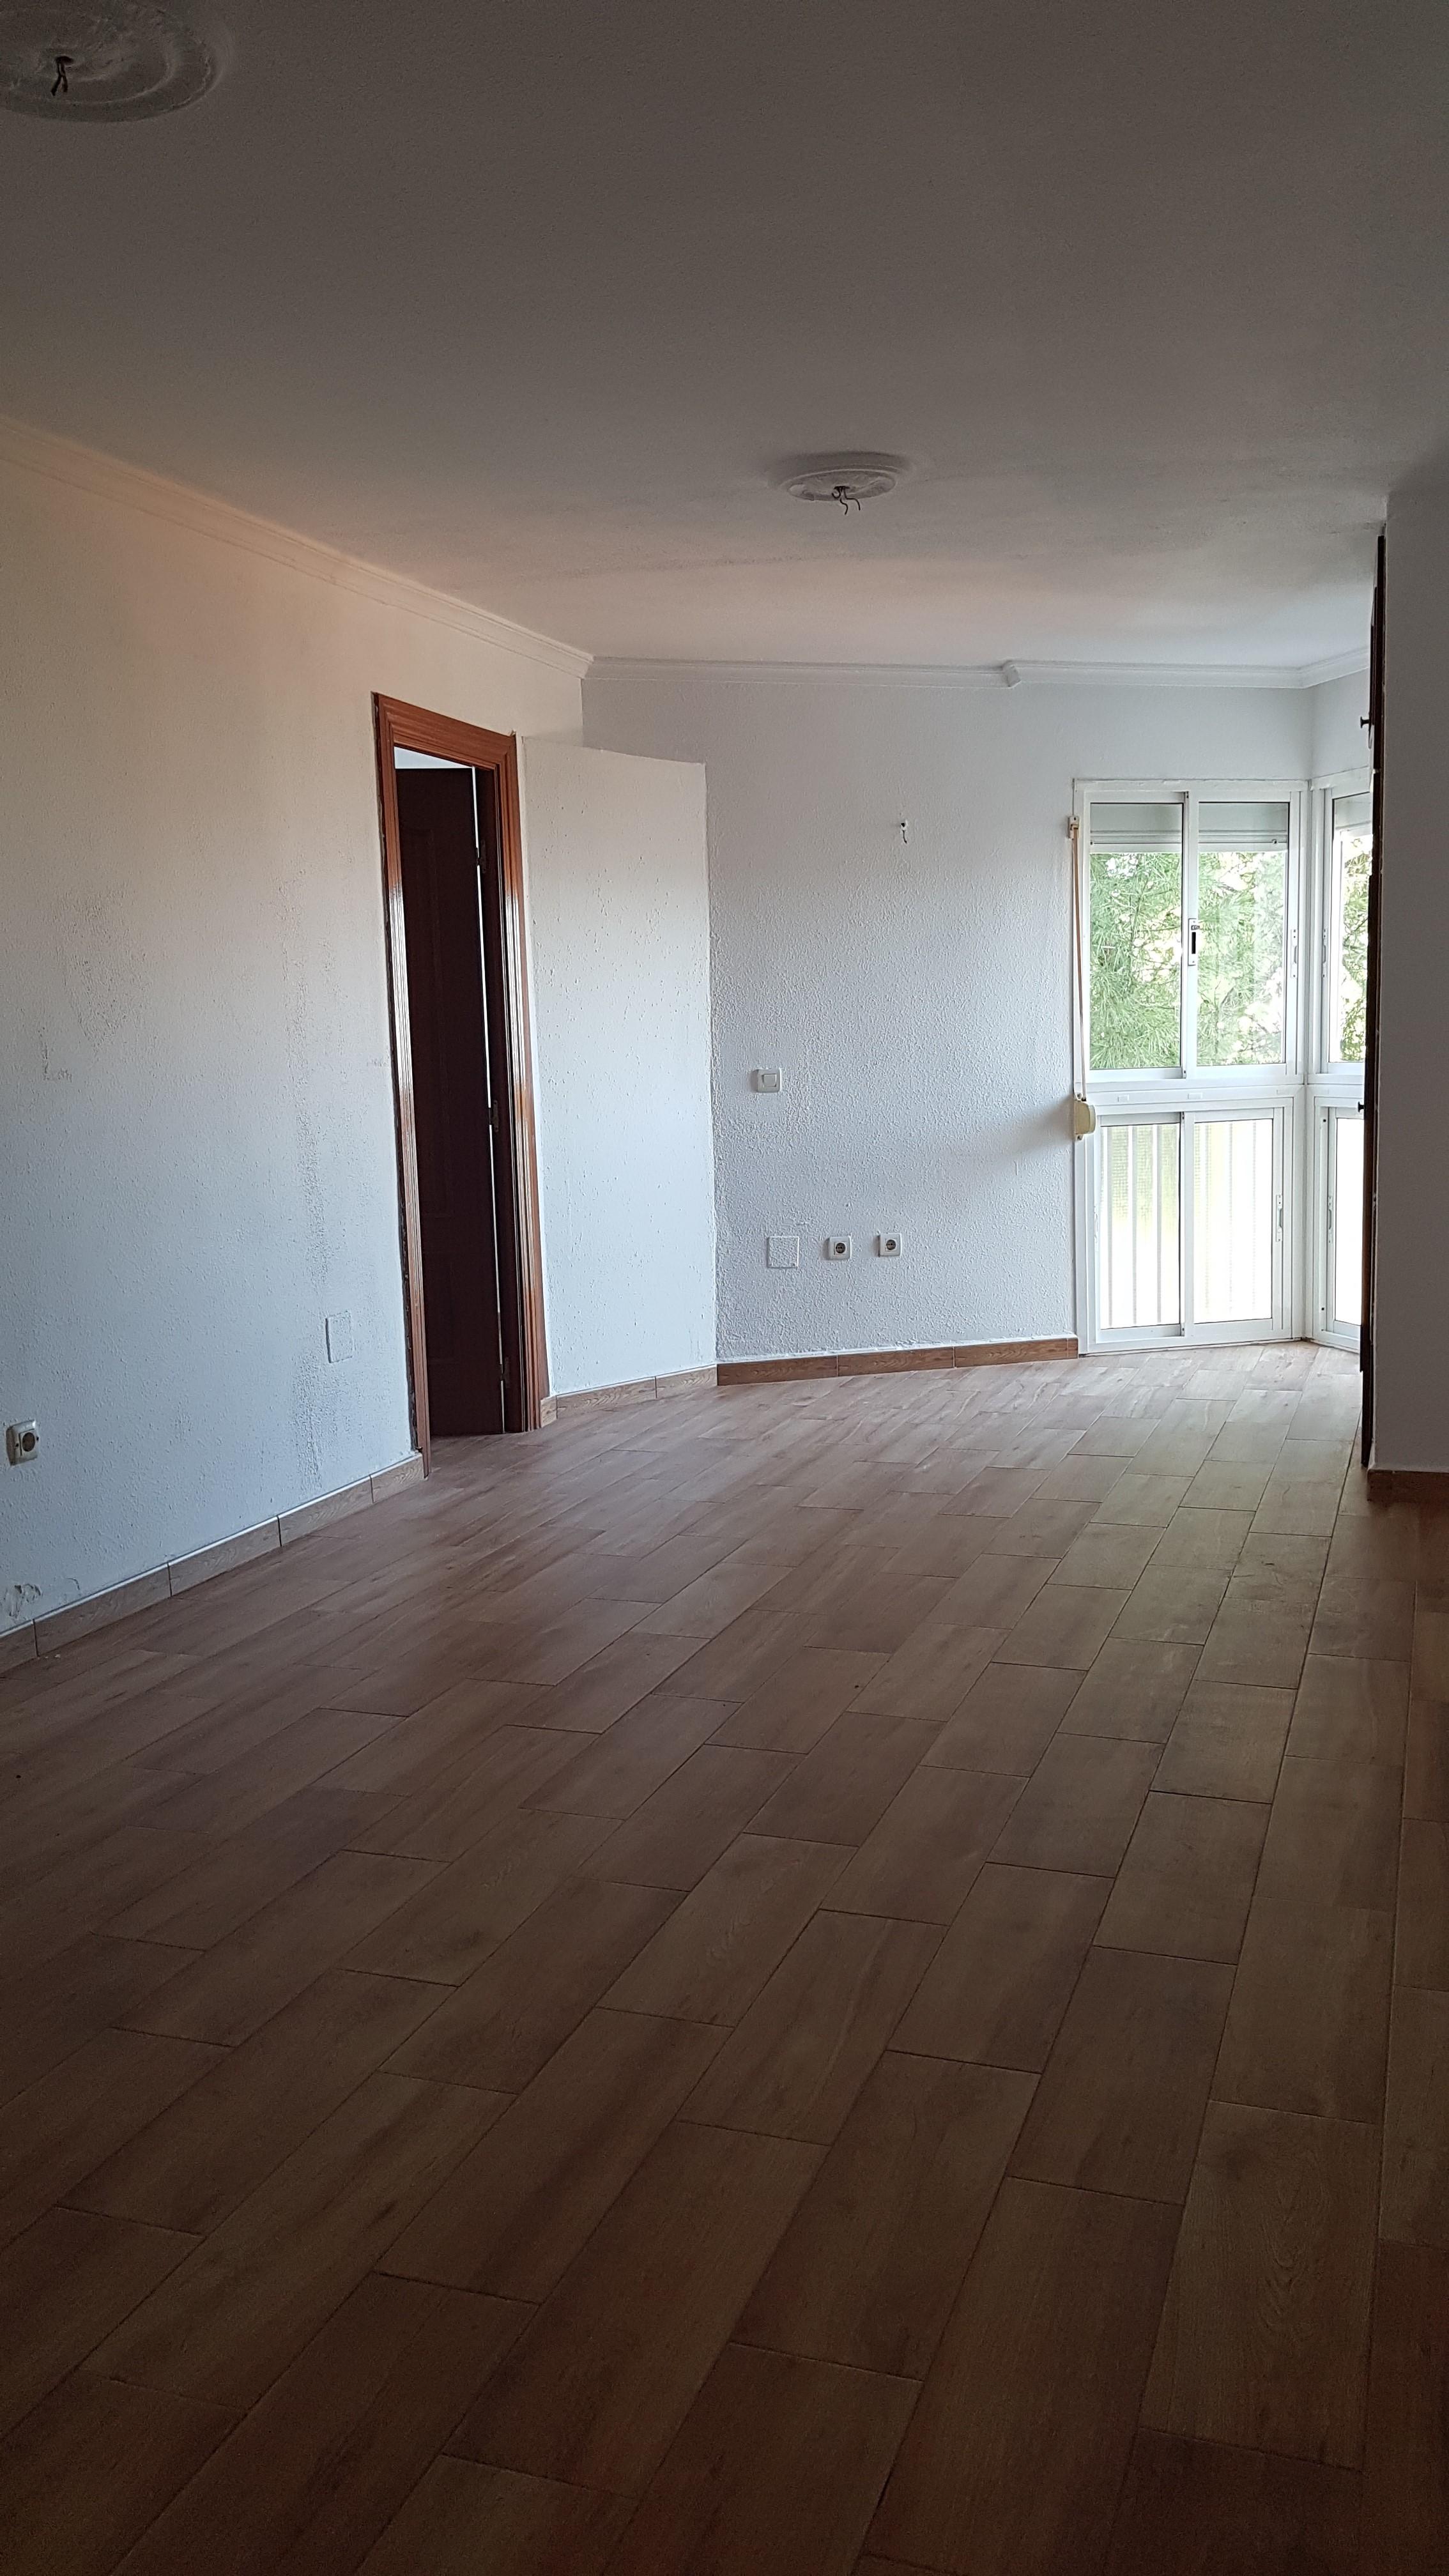 Piso en venta en Torremolinos, Málaga, Calle Cerro Largo, 165.000 €, 2 habitaciones, 1 baño, 69 m2